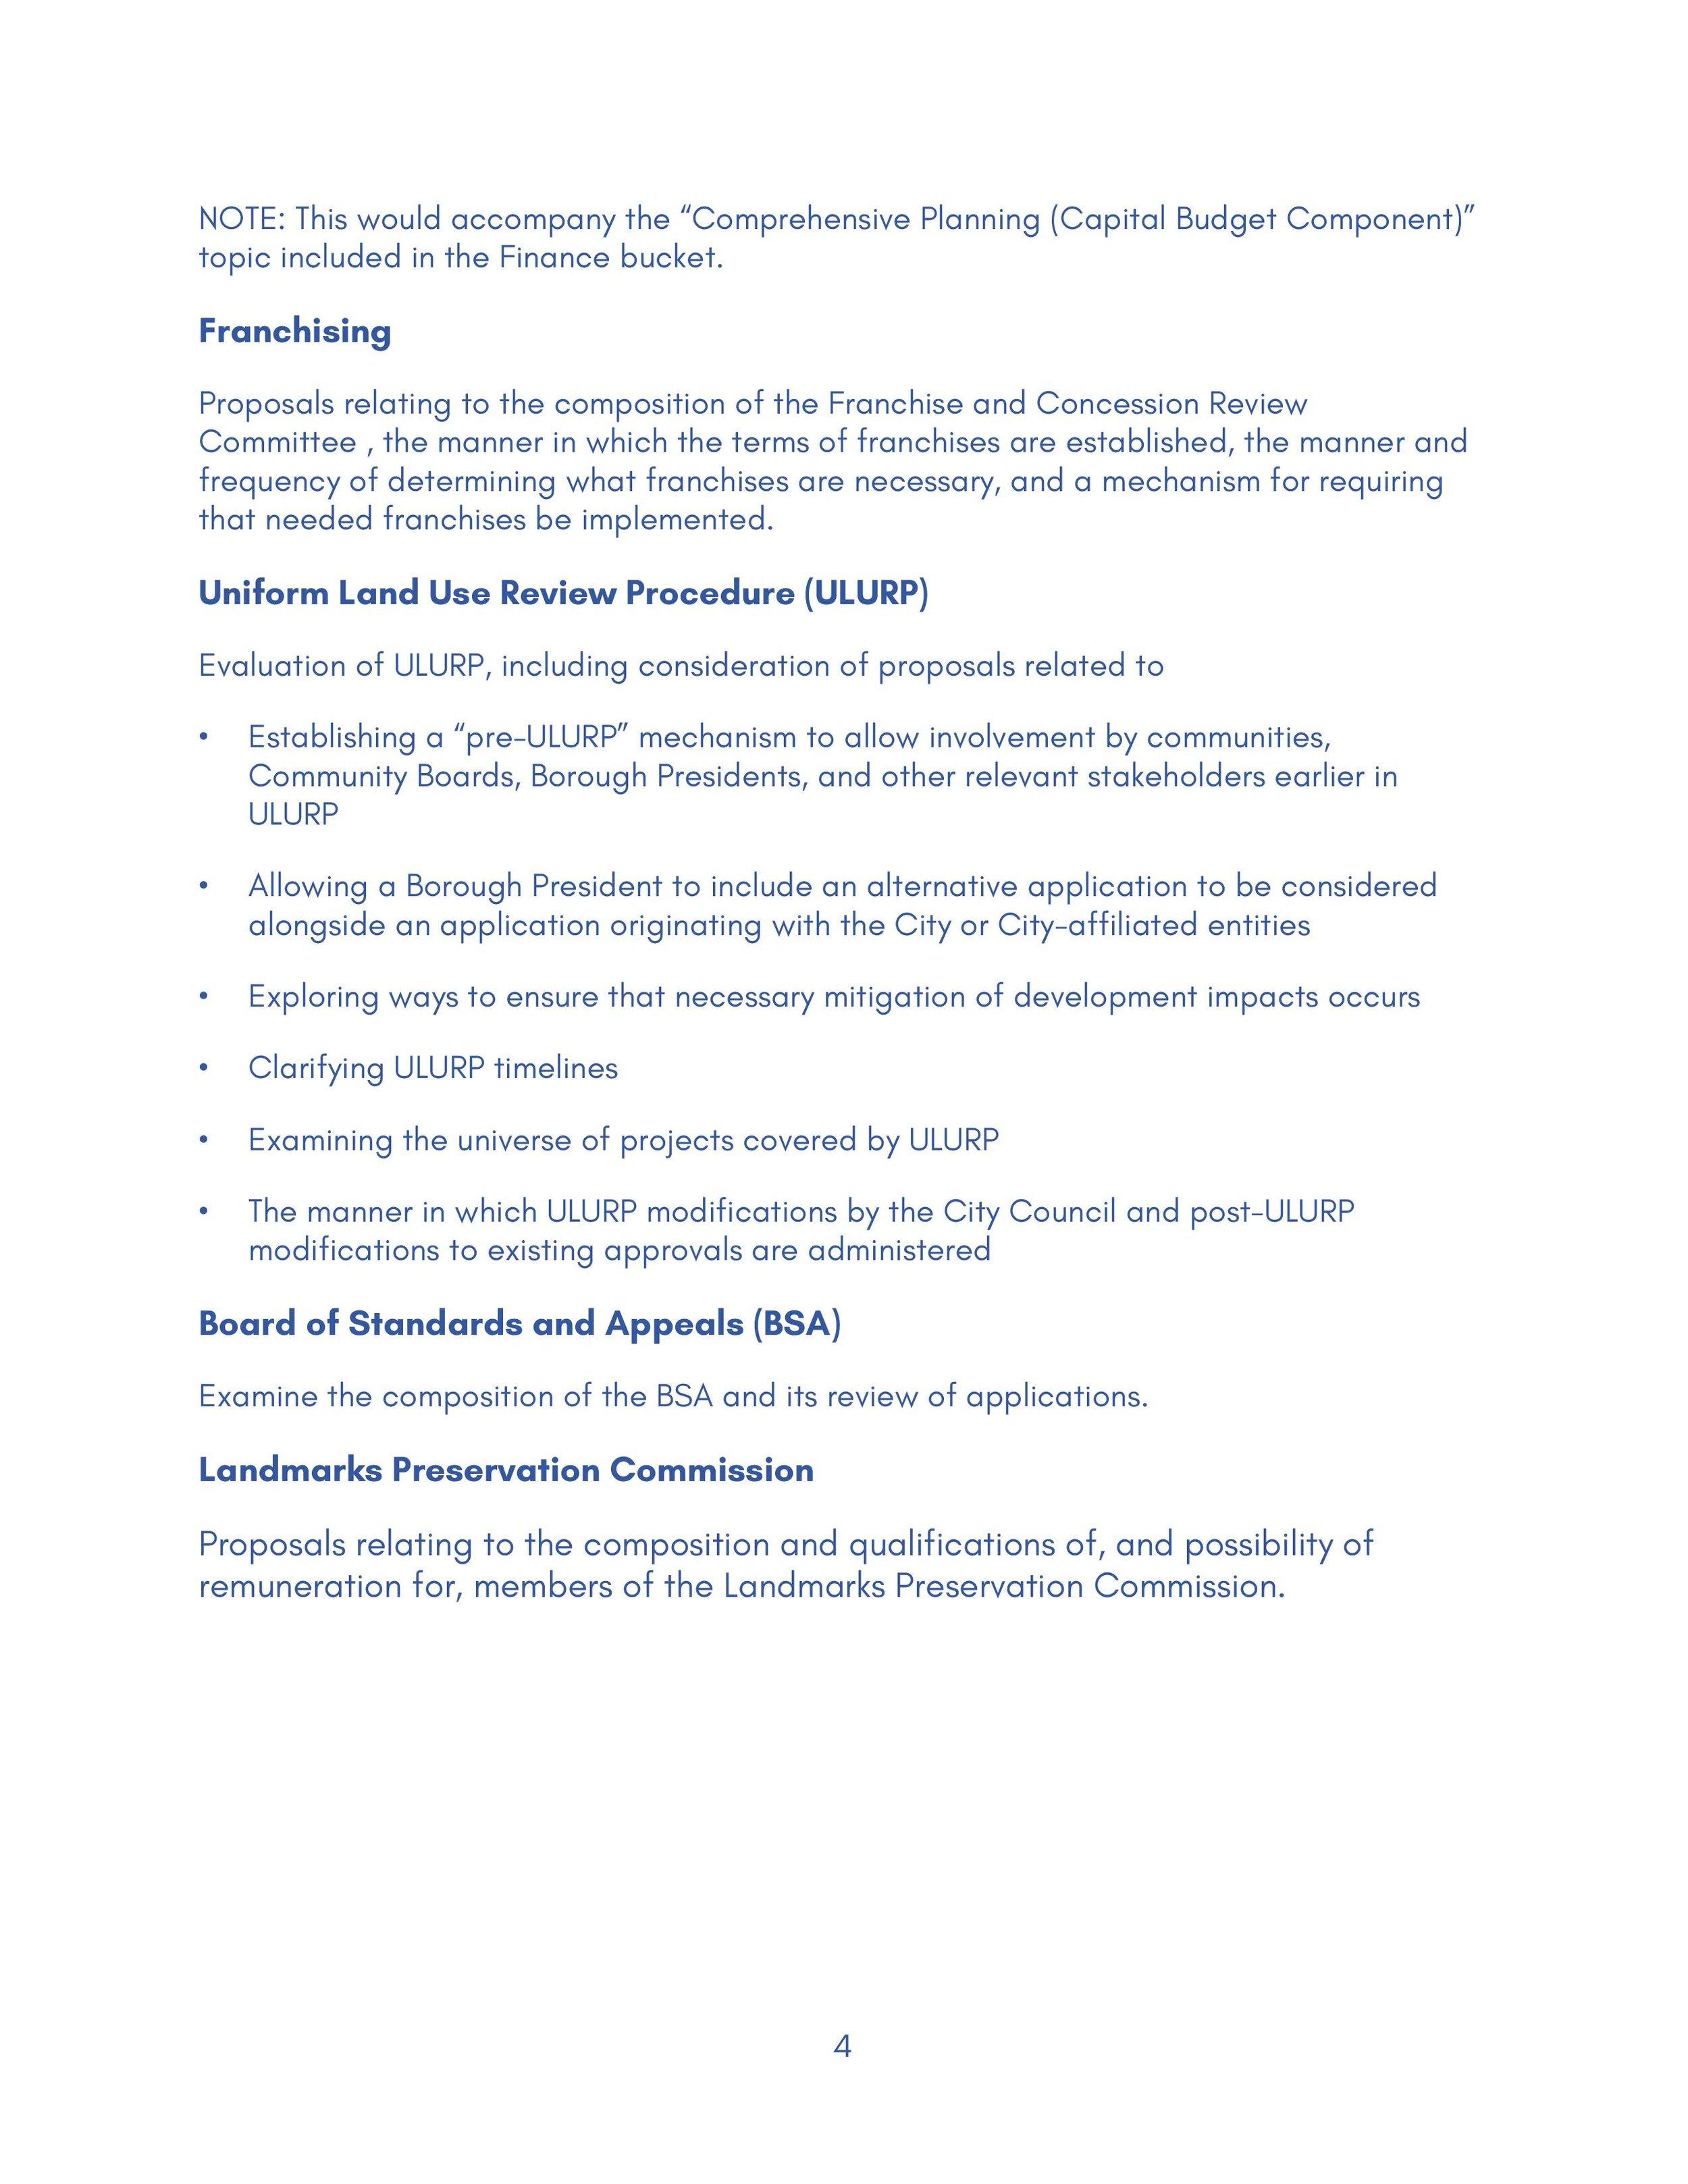 Focus Areas PDF-page-004.jpg